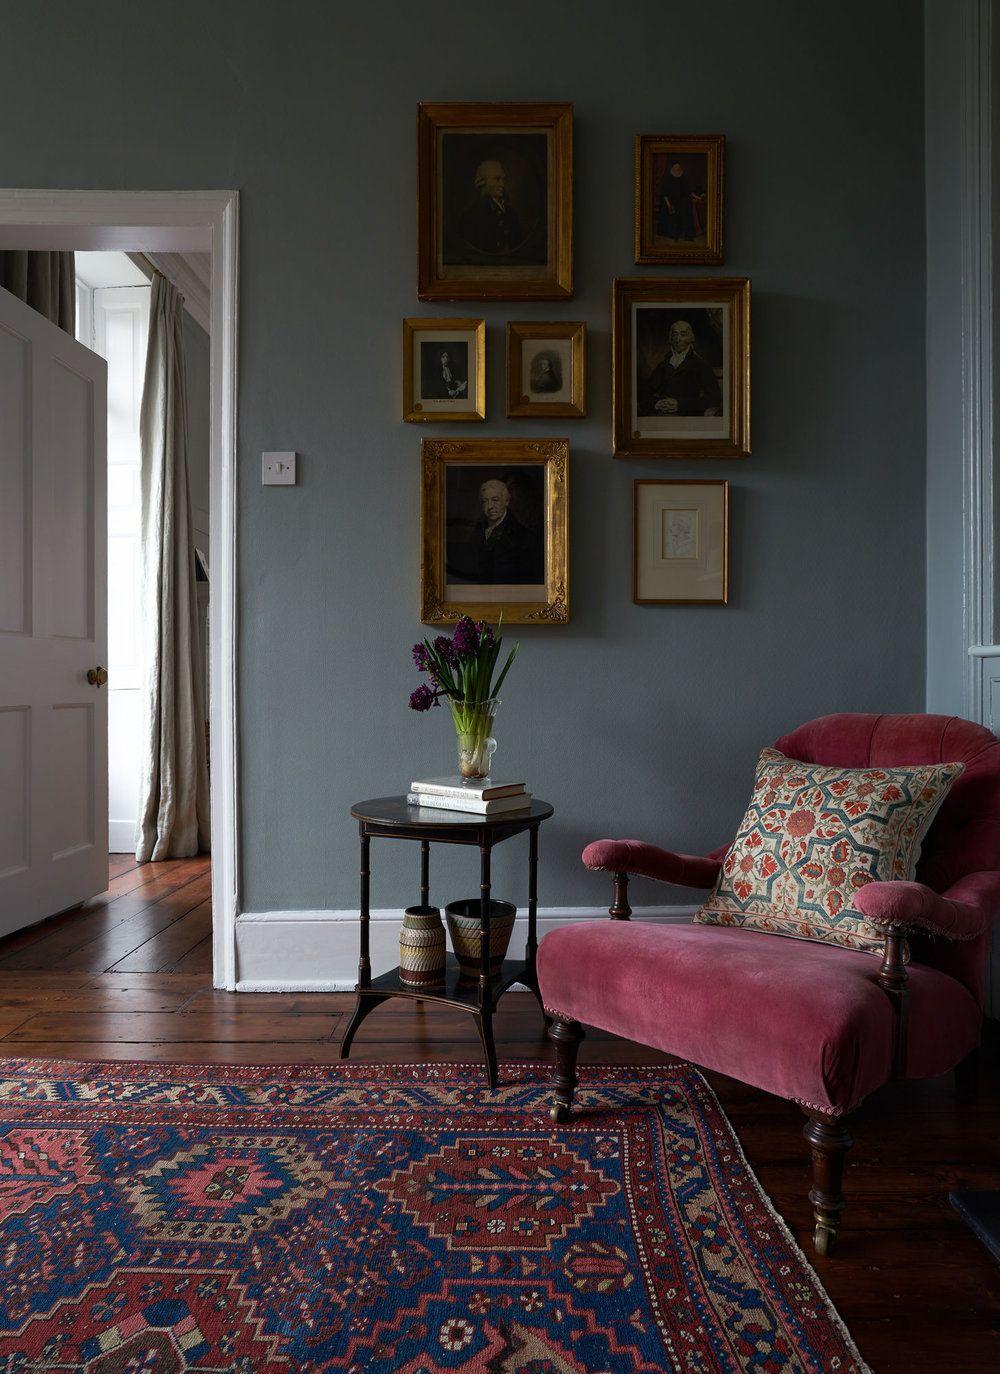 Morning room jpg home living room living room decor enterier design house